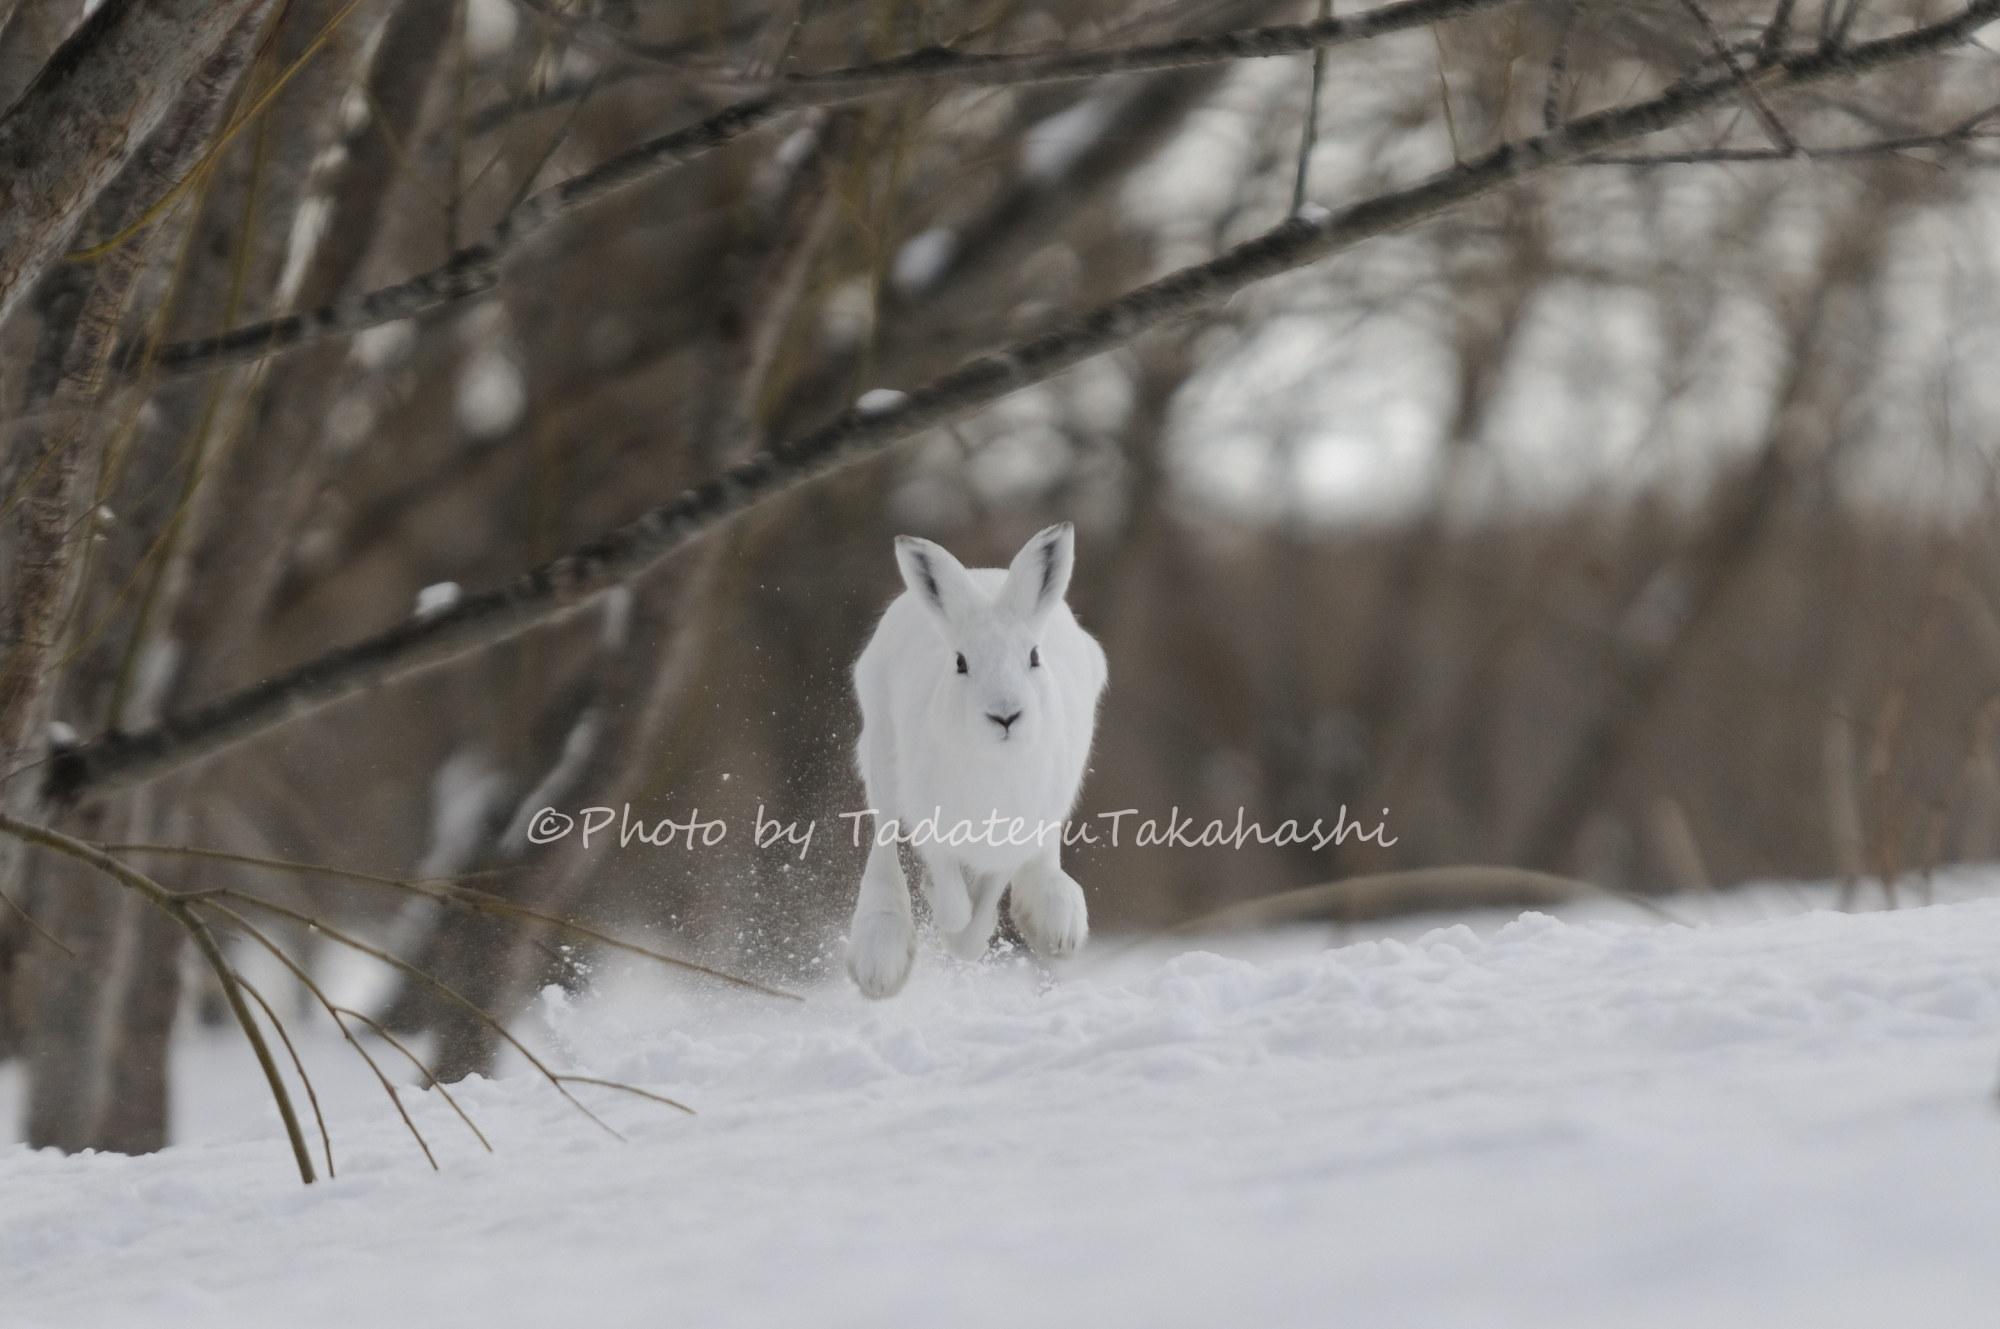 雪原を駆けるエゾユキウサギ